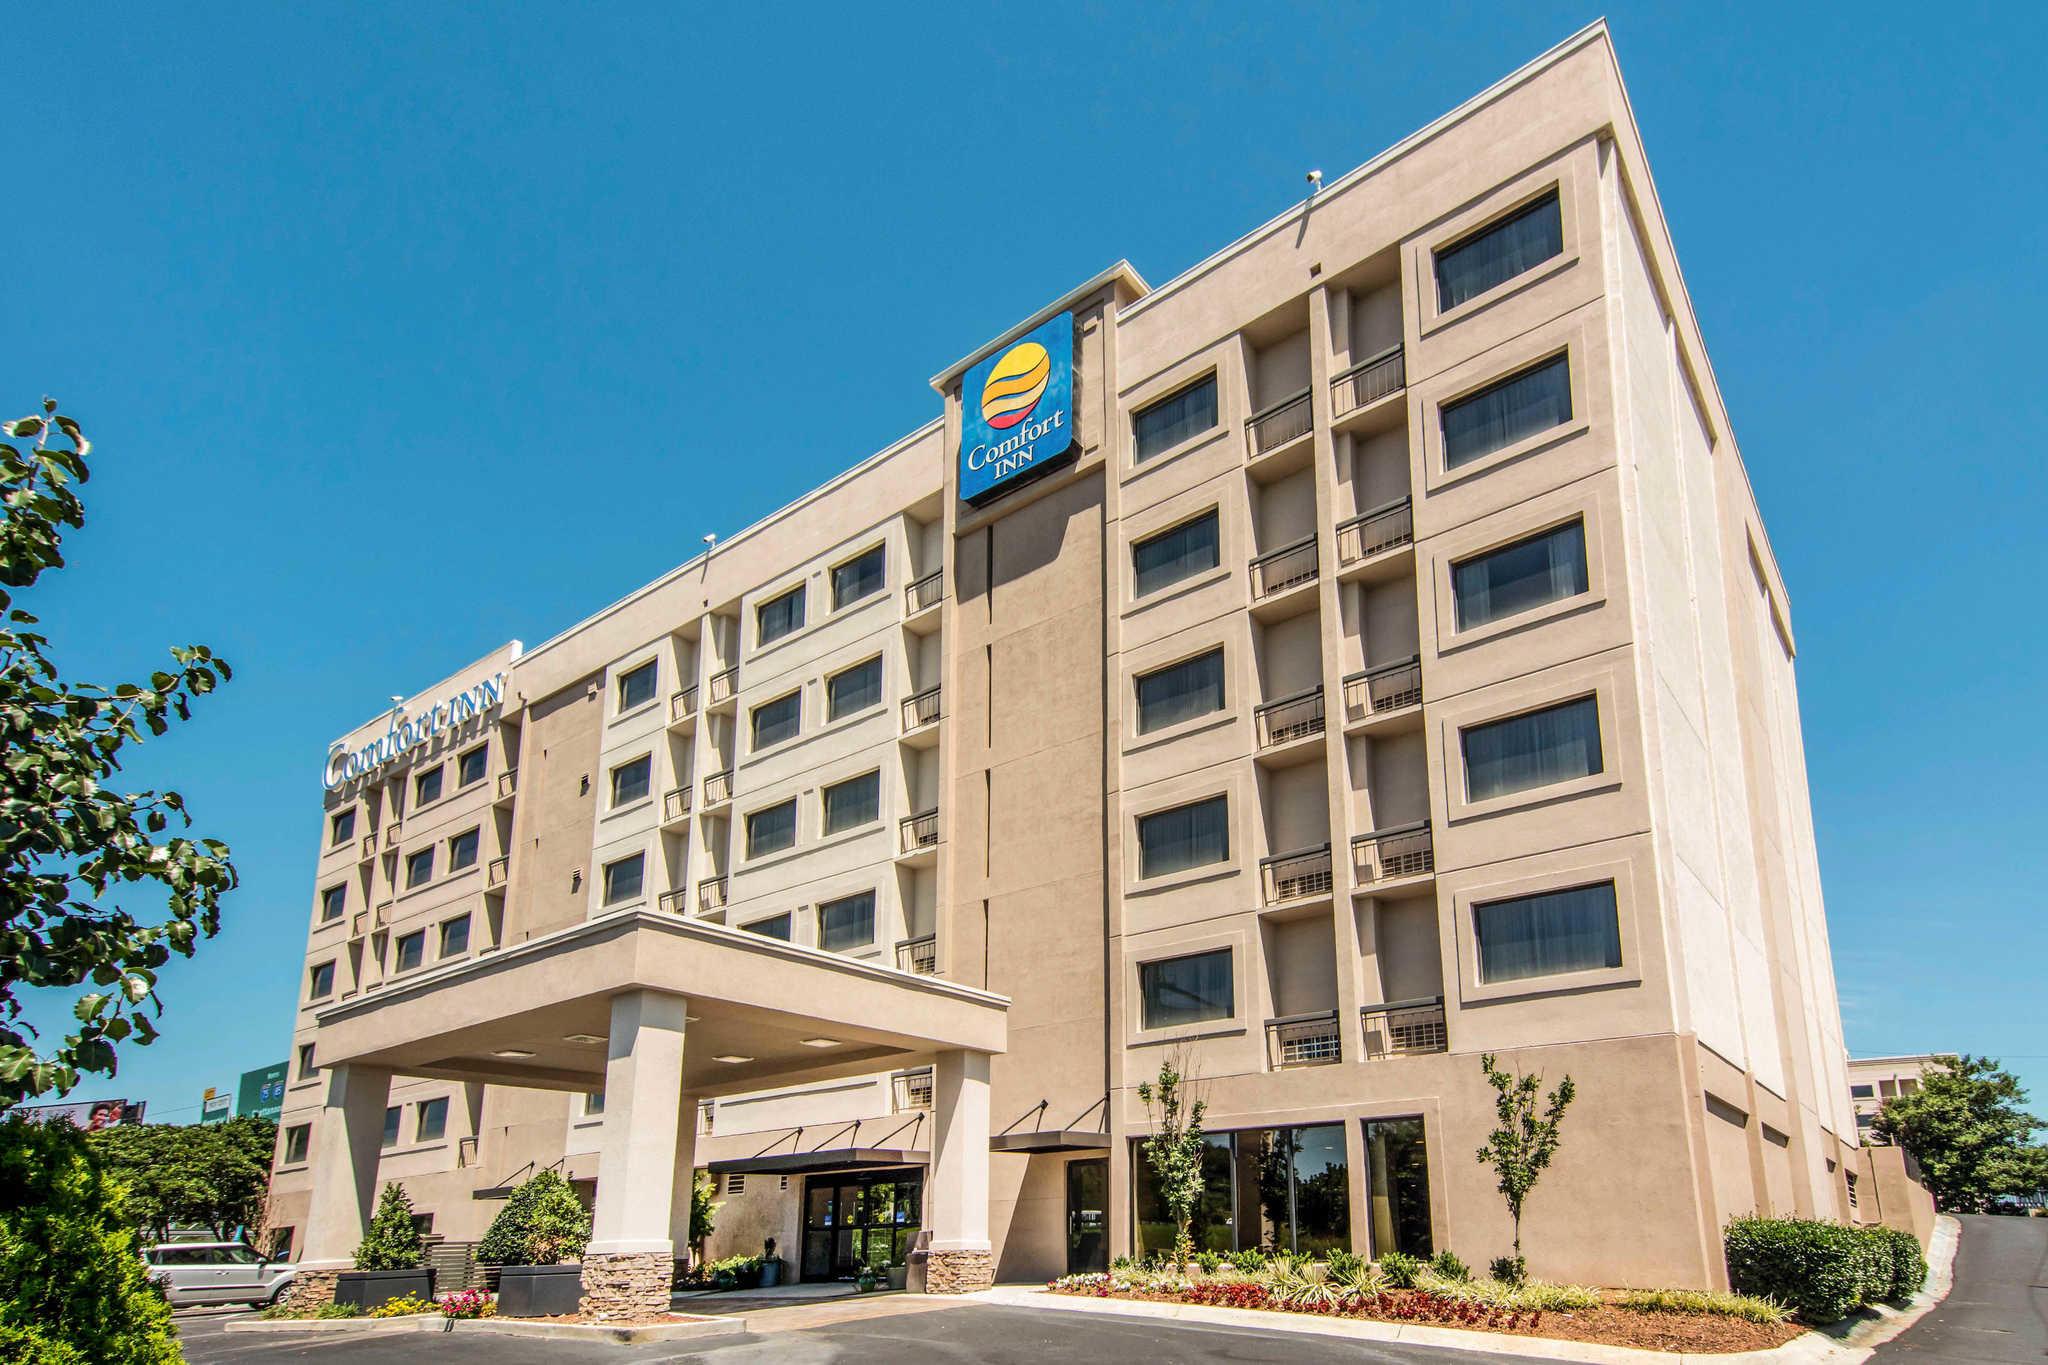 Comfort inn atlanta downtown south atlanta ga for Cabin rentals close to atlanta ga